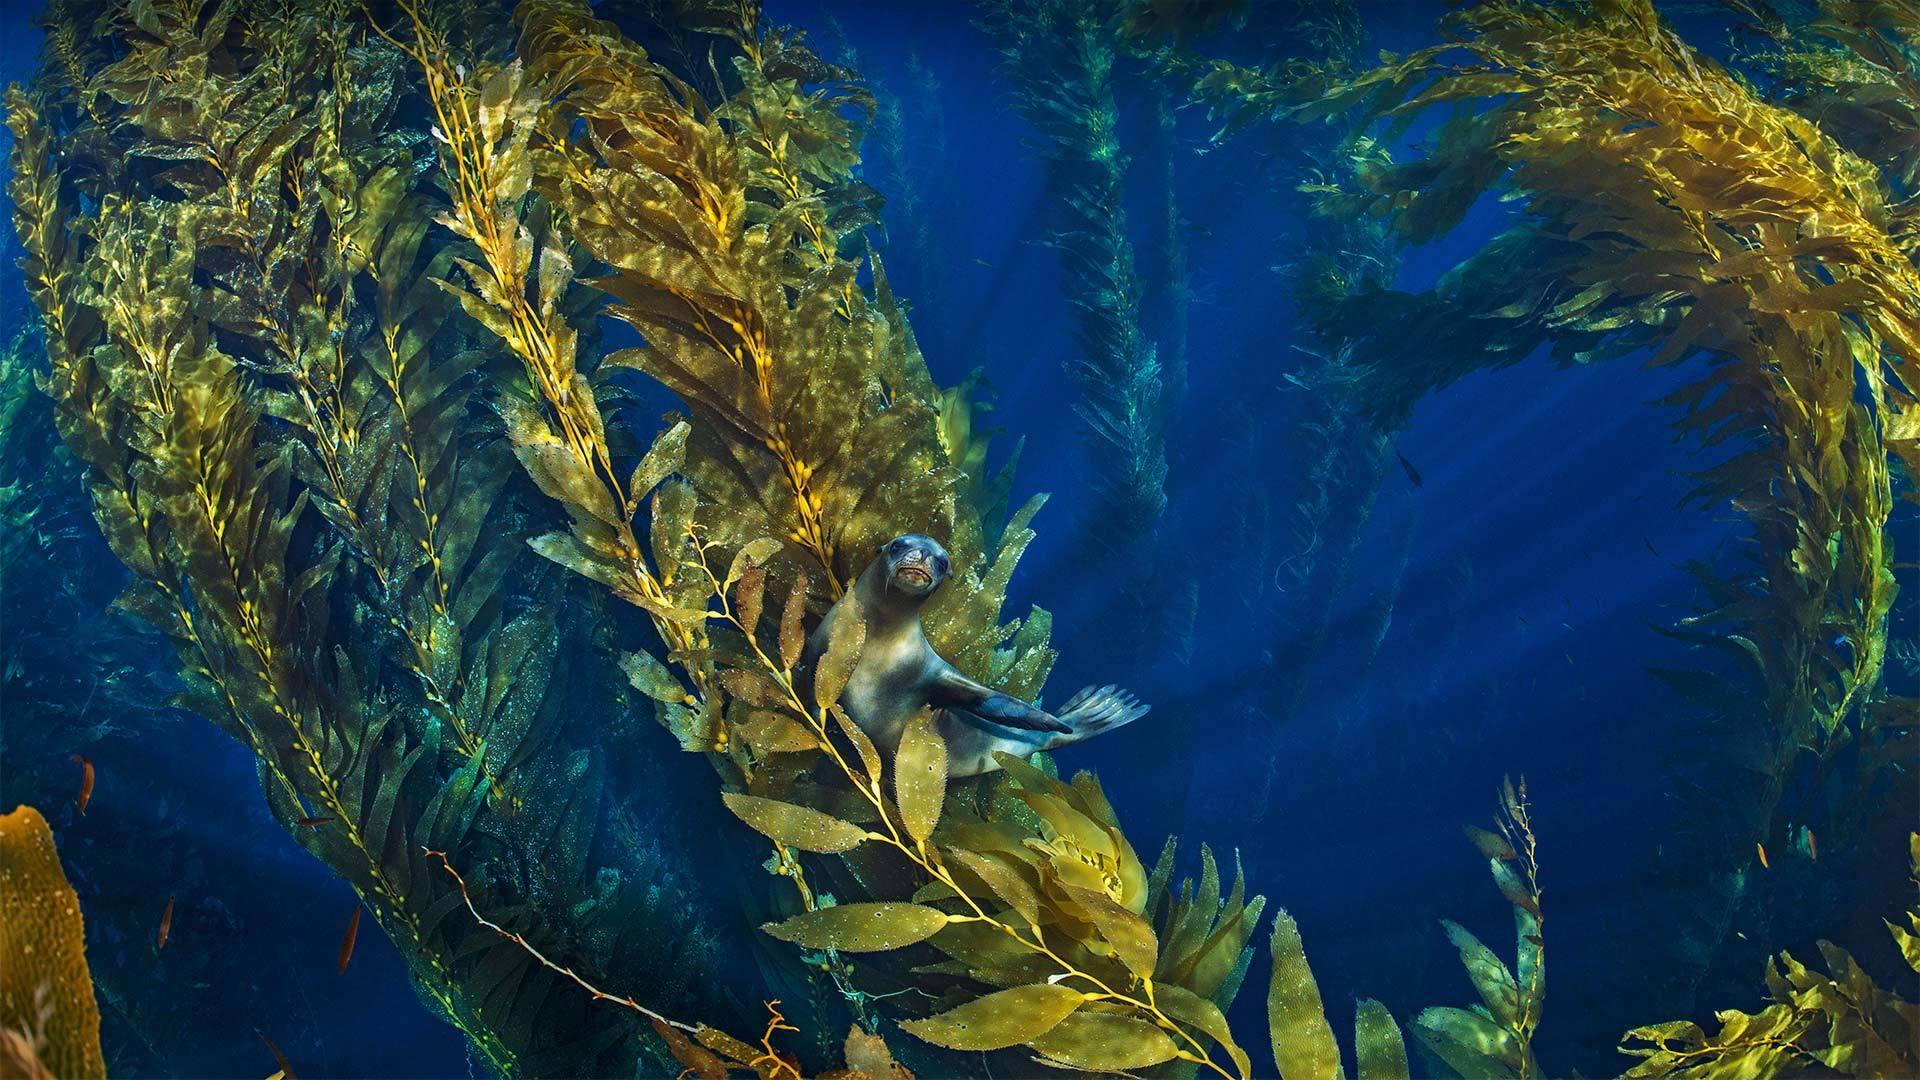 海峡群岛附近巨藻林中的加利福尼亚海狮 加利福尼亚海狮